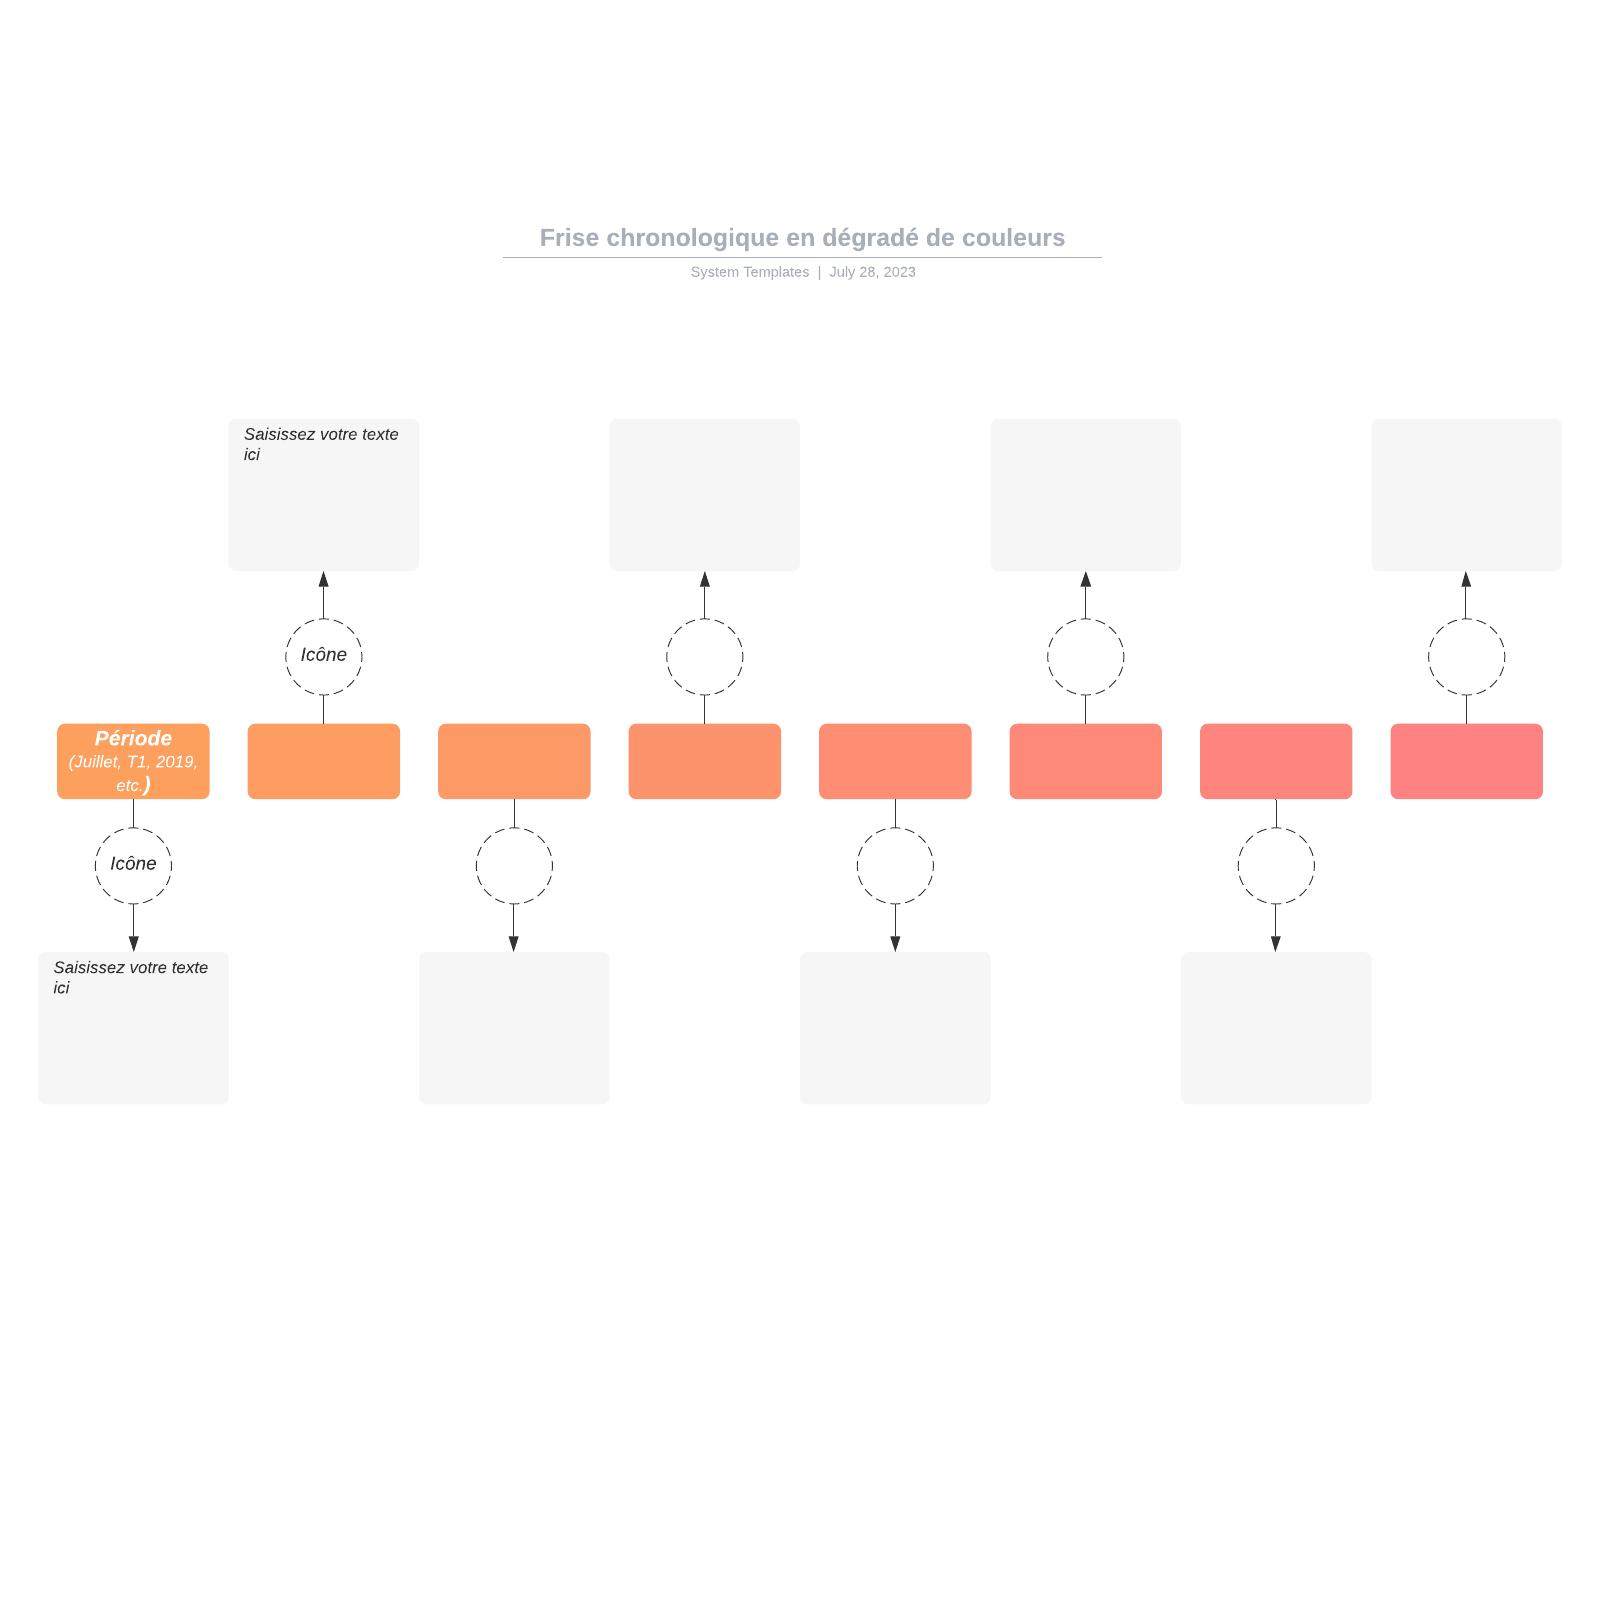 exemple de frise chronologique en dégradé de couleurs